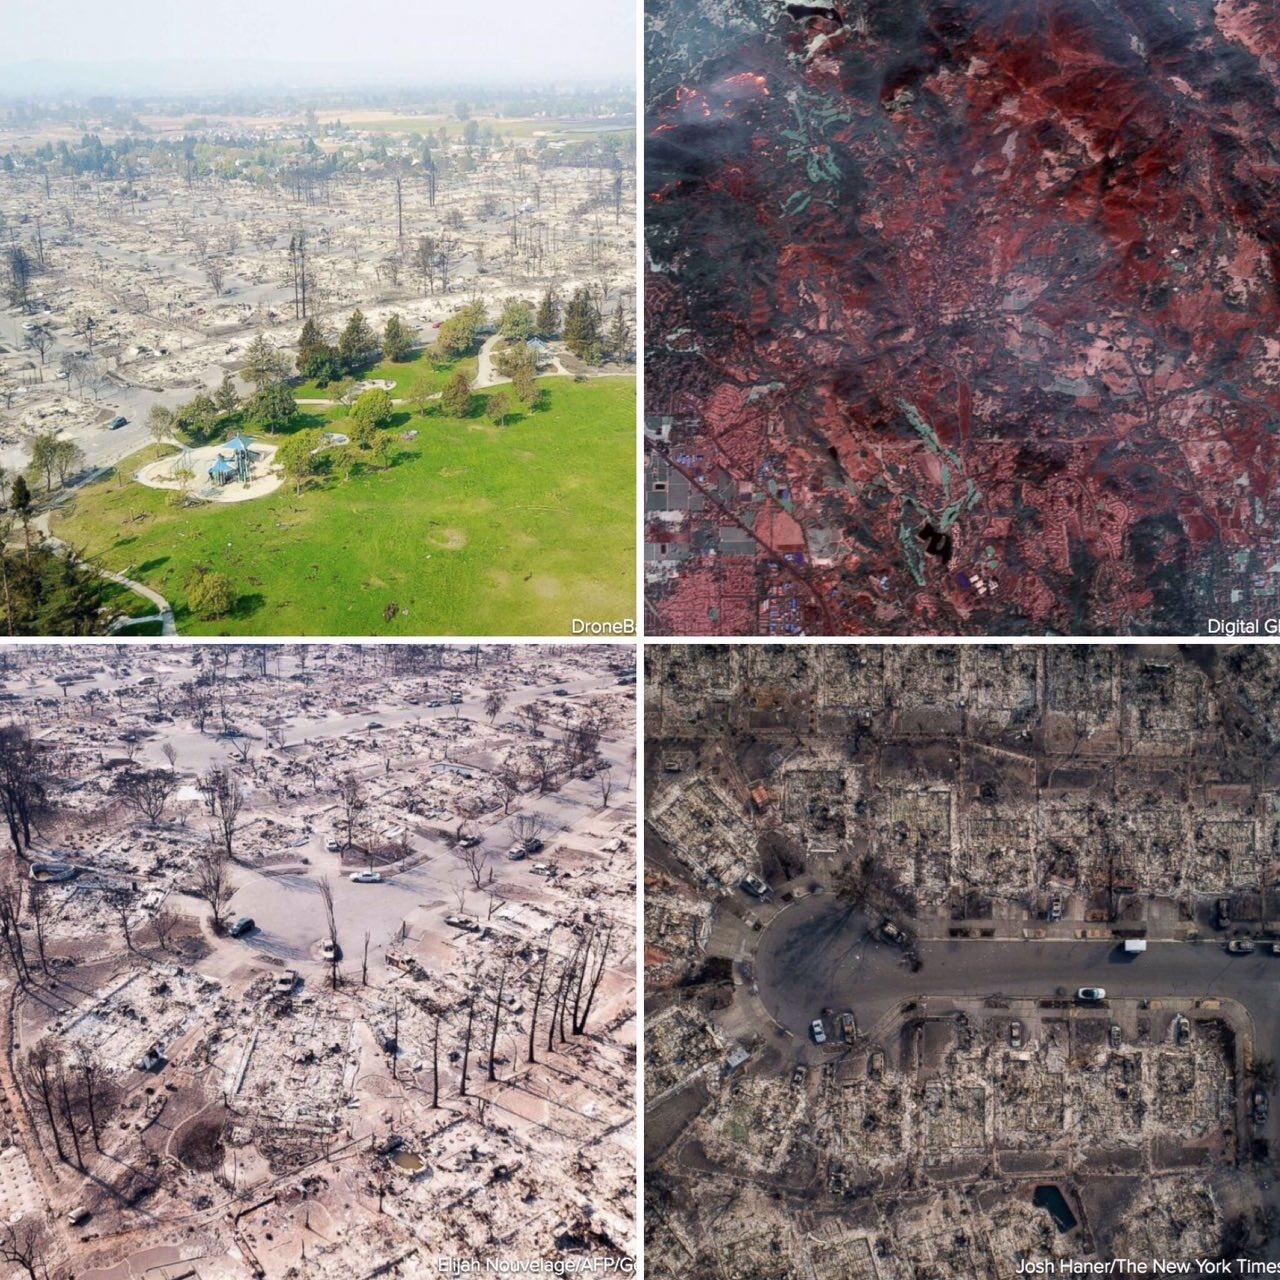 آتش سوزی کالیفرنیا: 31 کشته، صدها مفقود، ویرانی 3500 بنا و آتش سوزی در 190 هزار هکتار زمین/ عکس